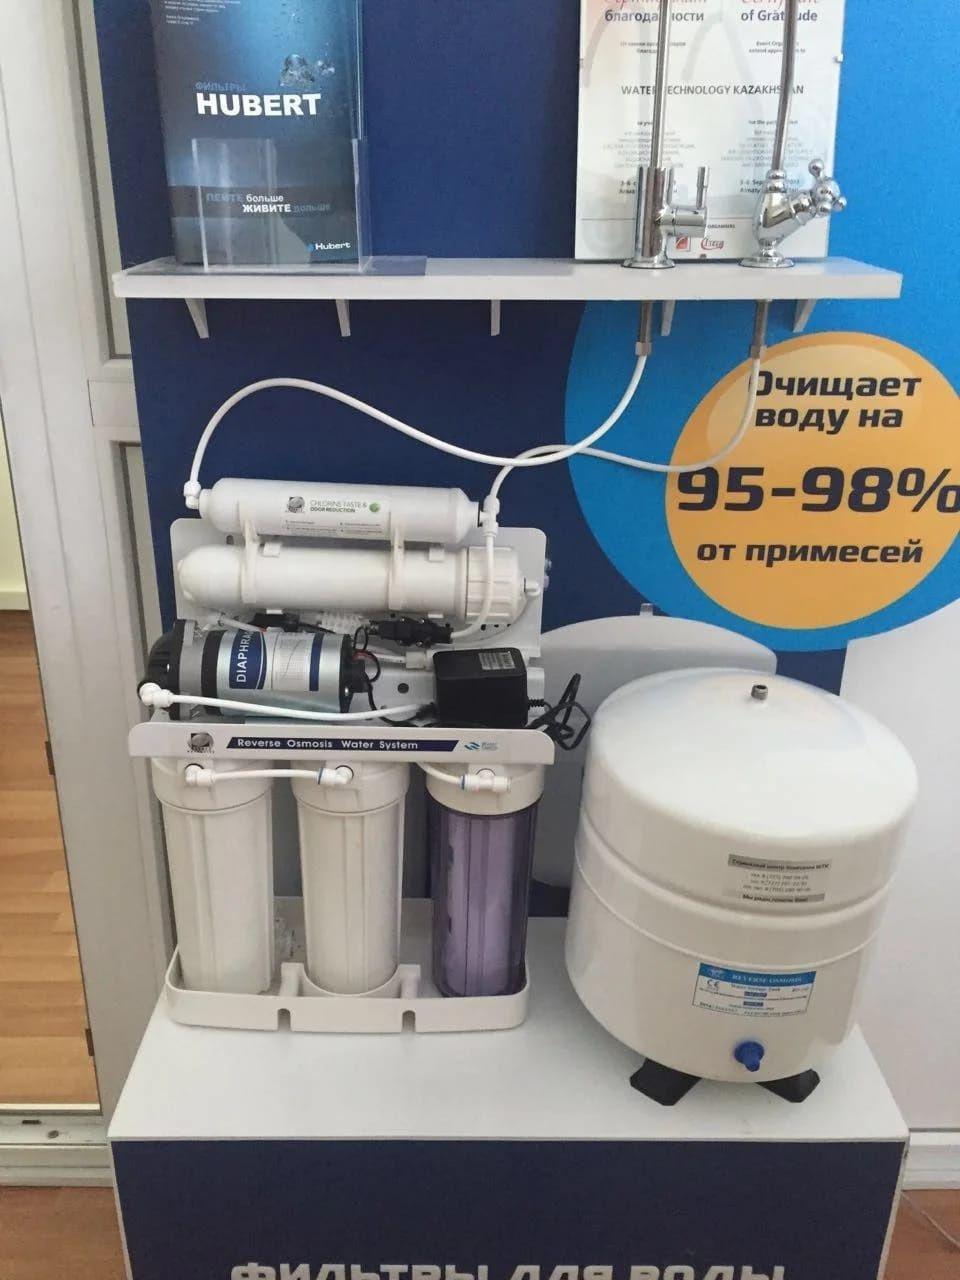 Фильтр для воды обратный осмос 6ти ступенчатый с насосом